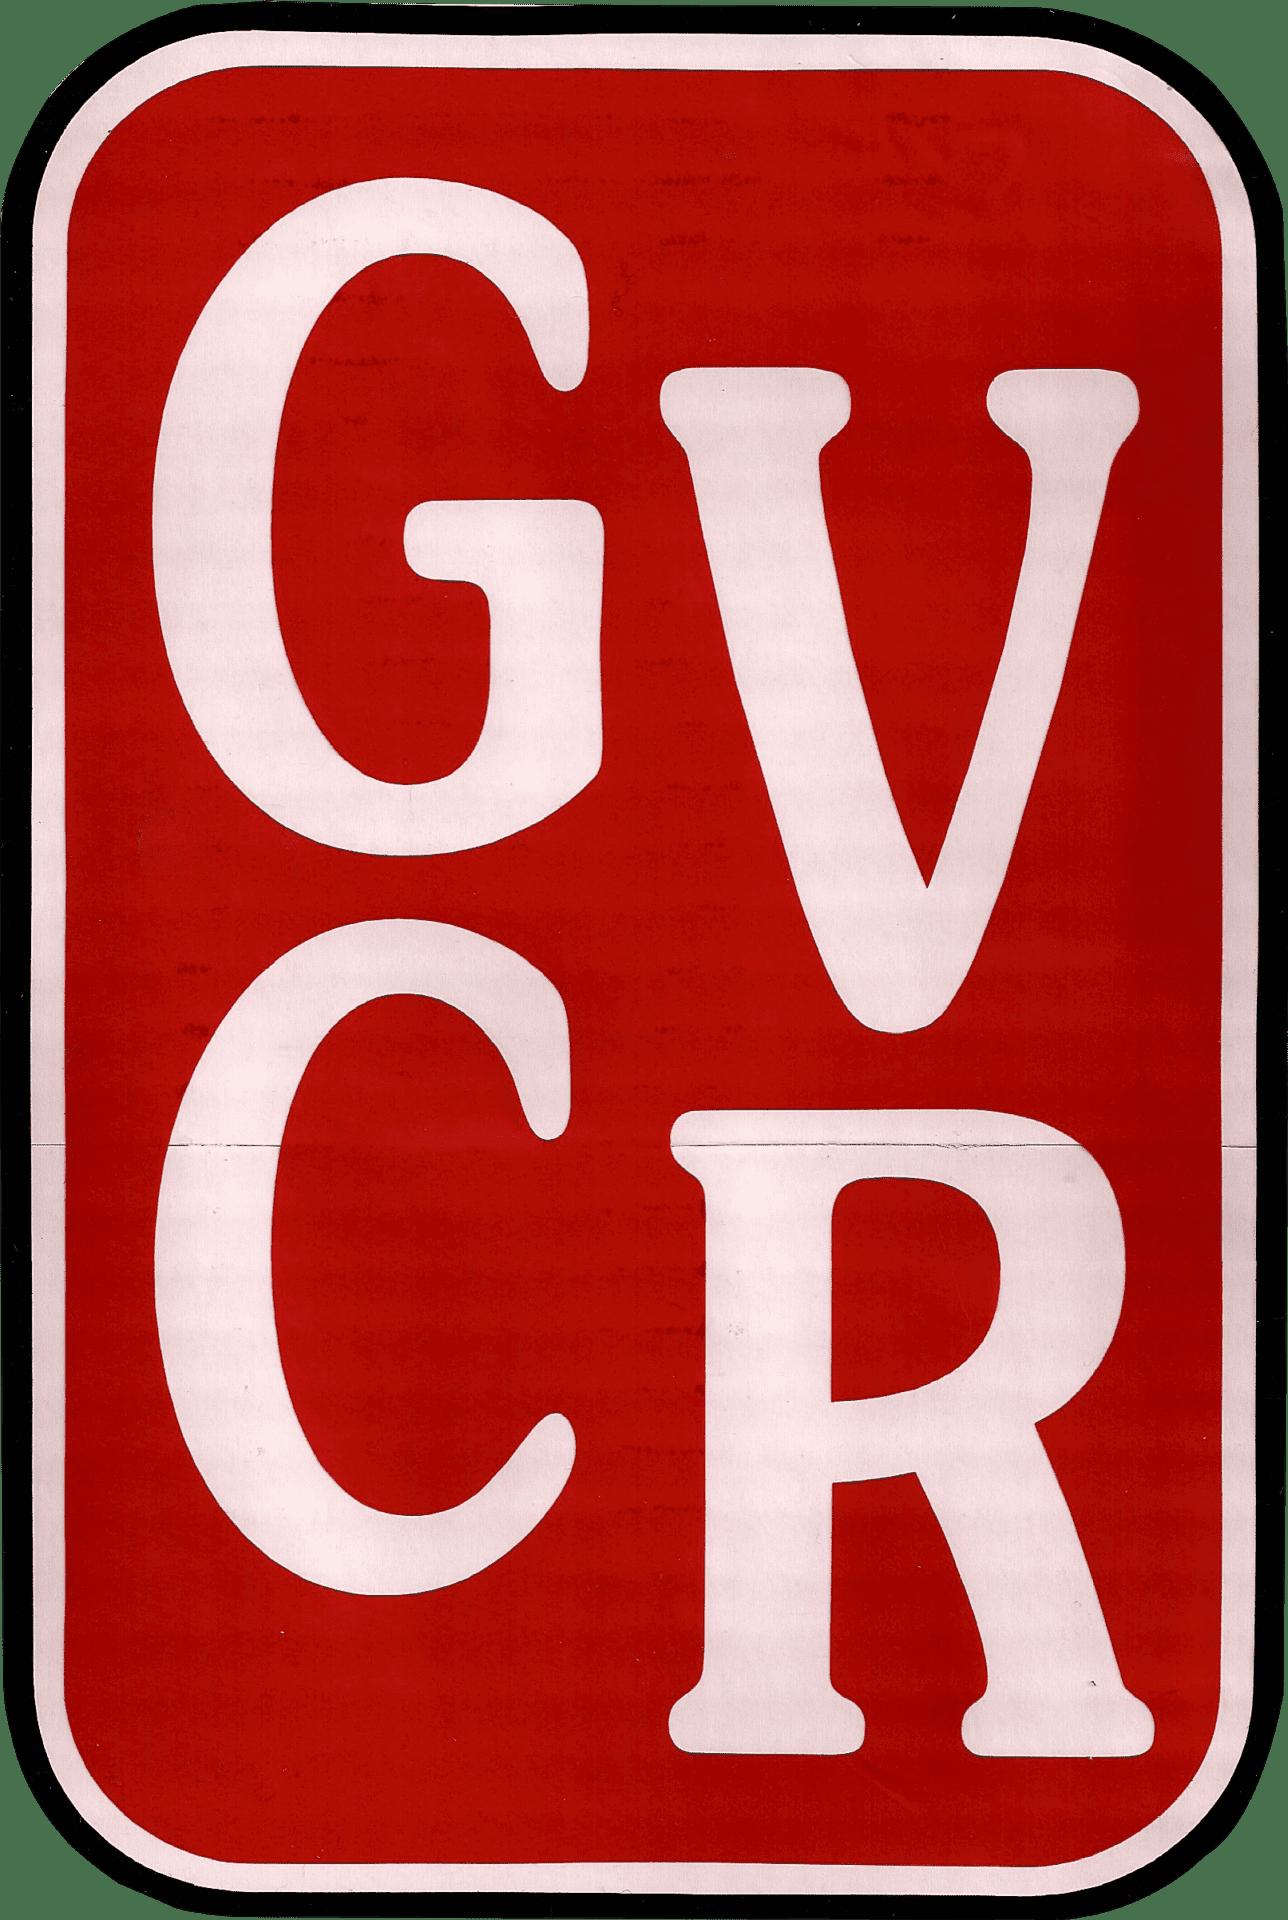 GVCR Logo